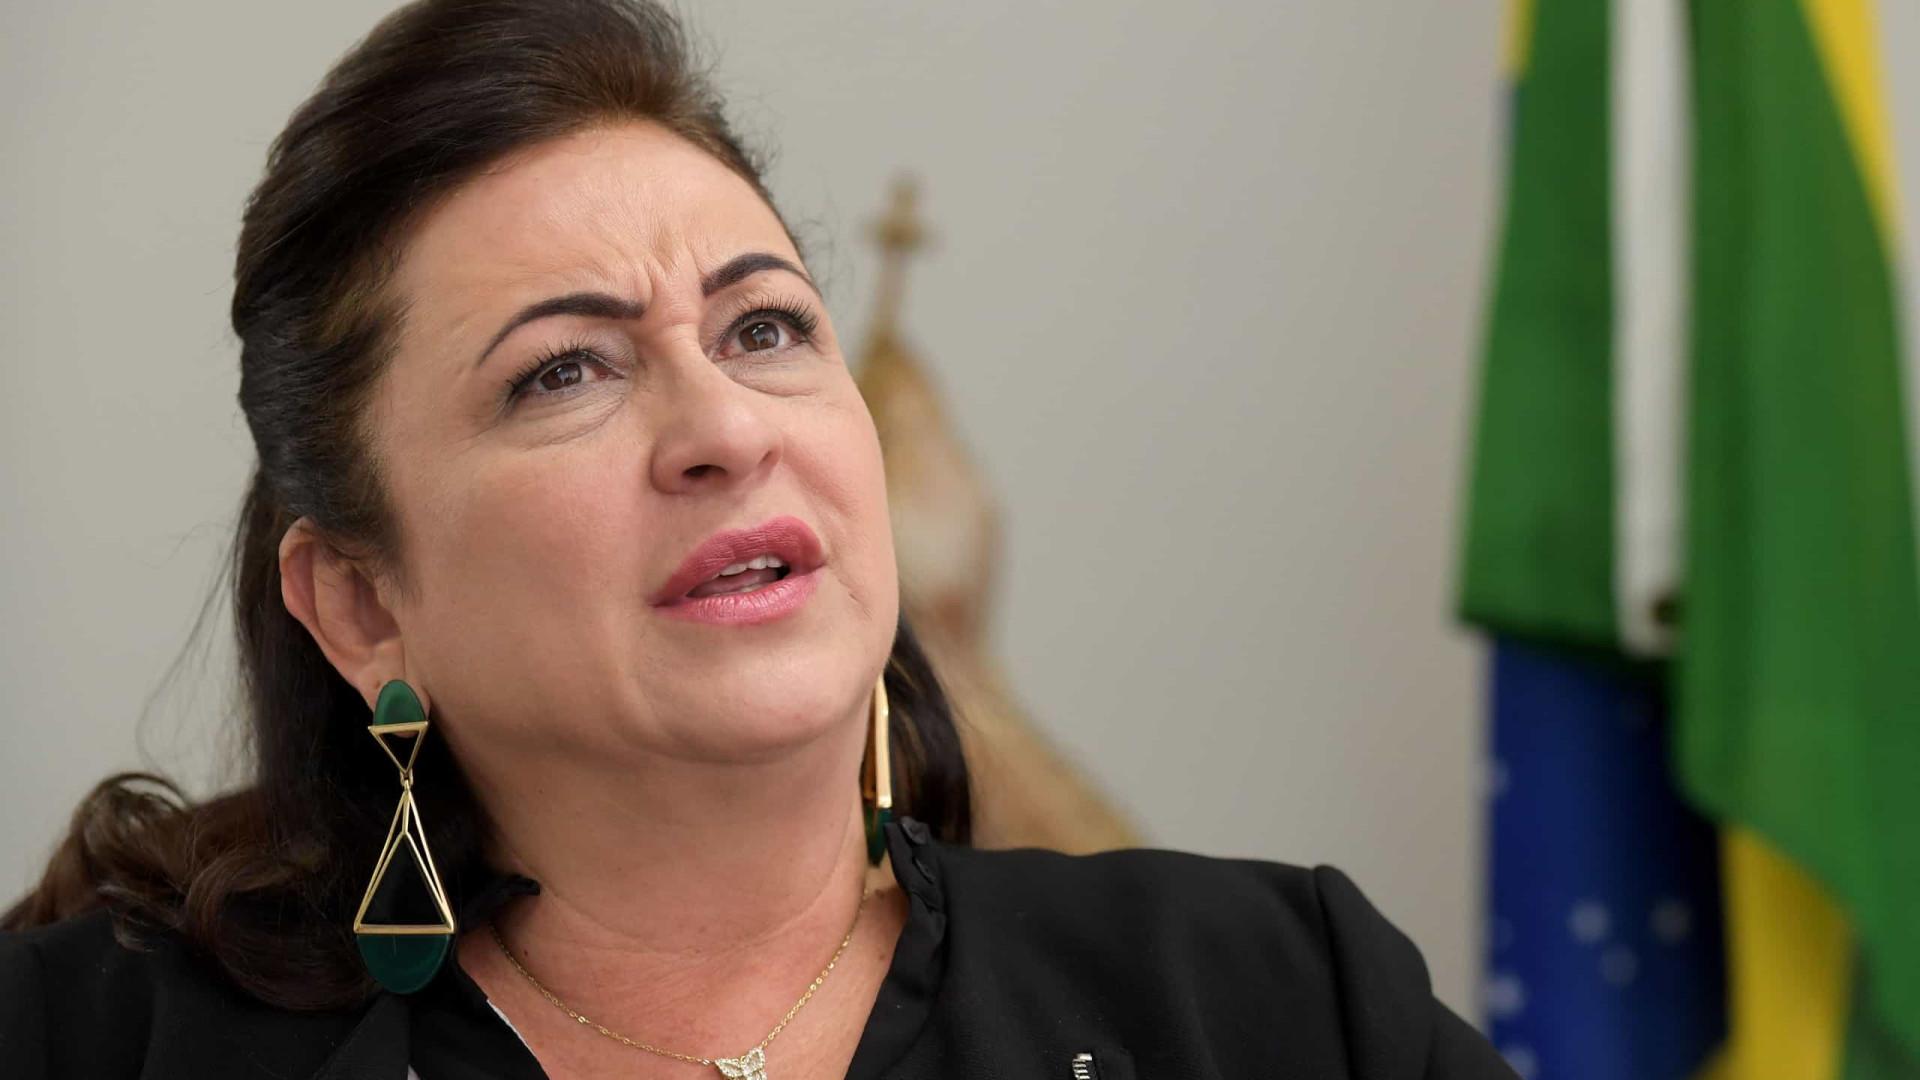 Kátia Abreu diz que Ernesto foi bússola que 'nos direcionou para o caos'